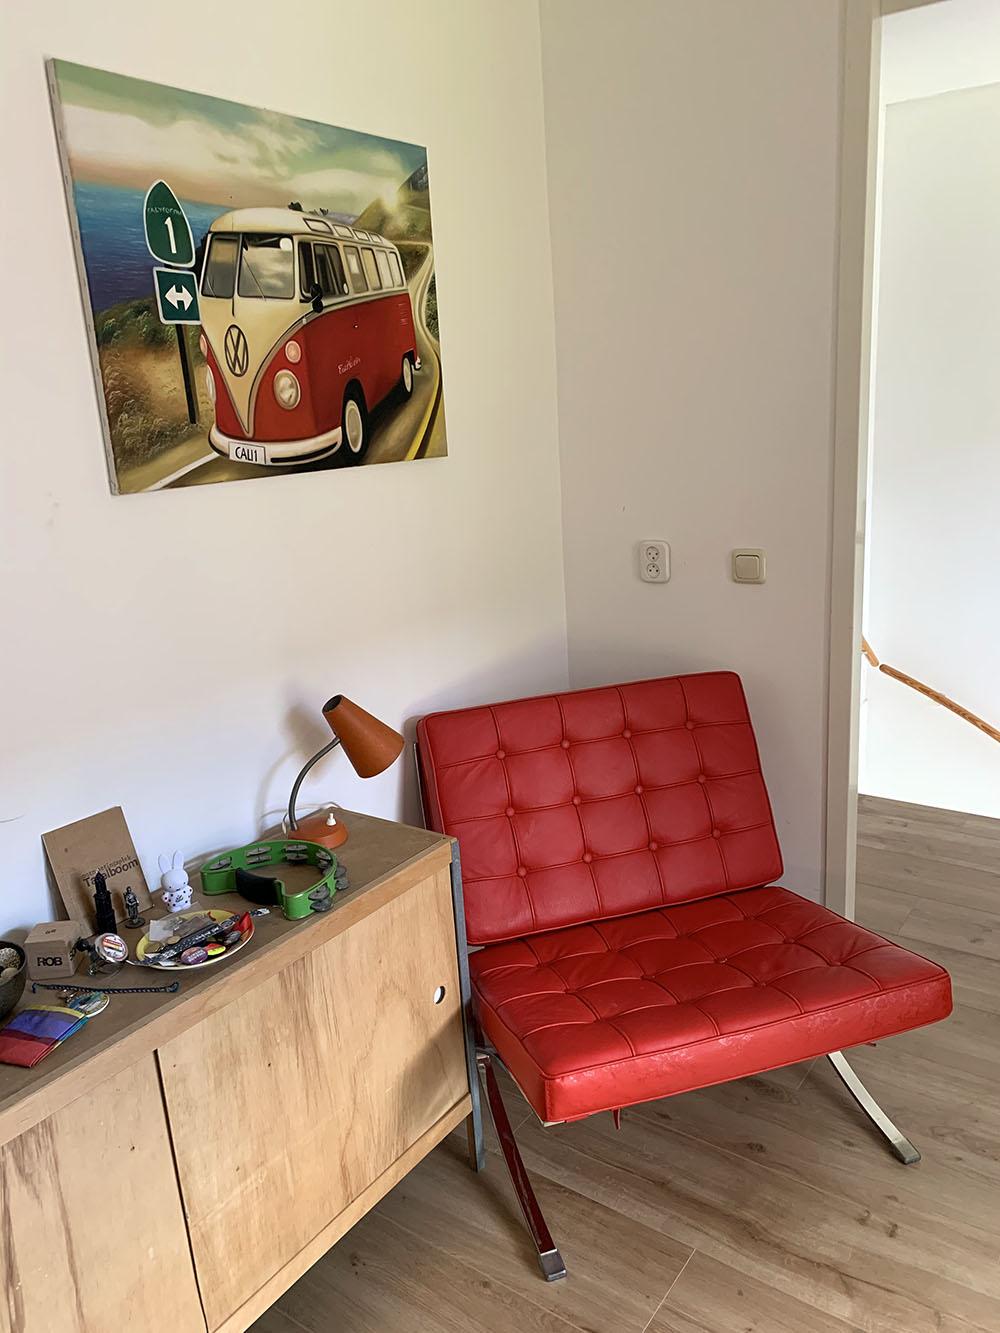 In de thuiswerkplek van Rob staat een opvallende rode stoel